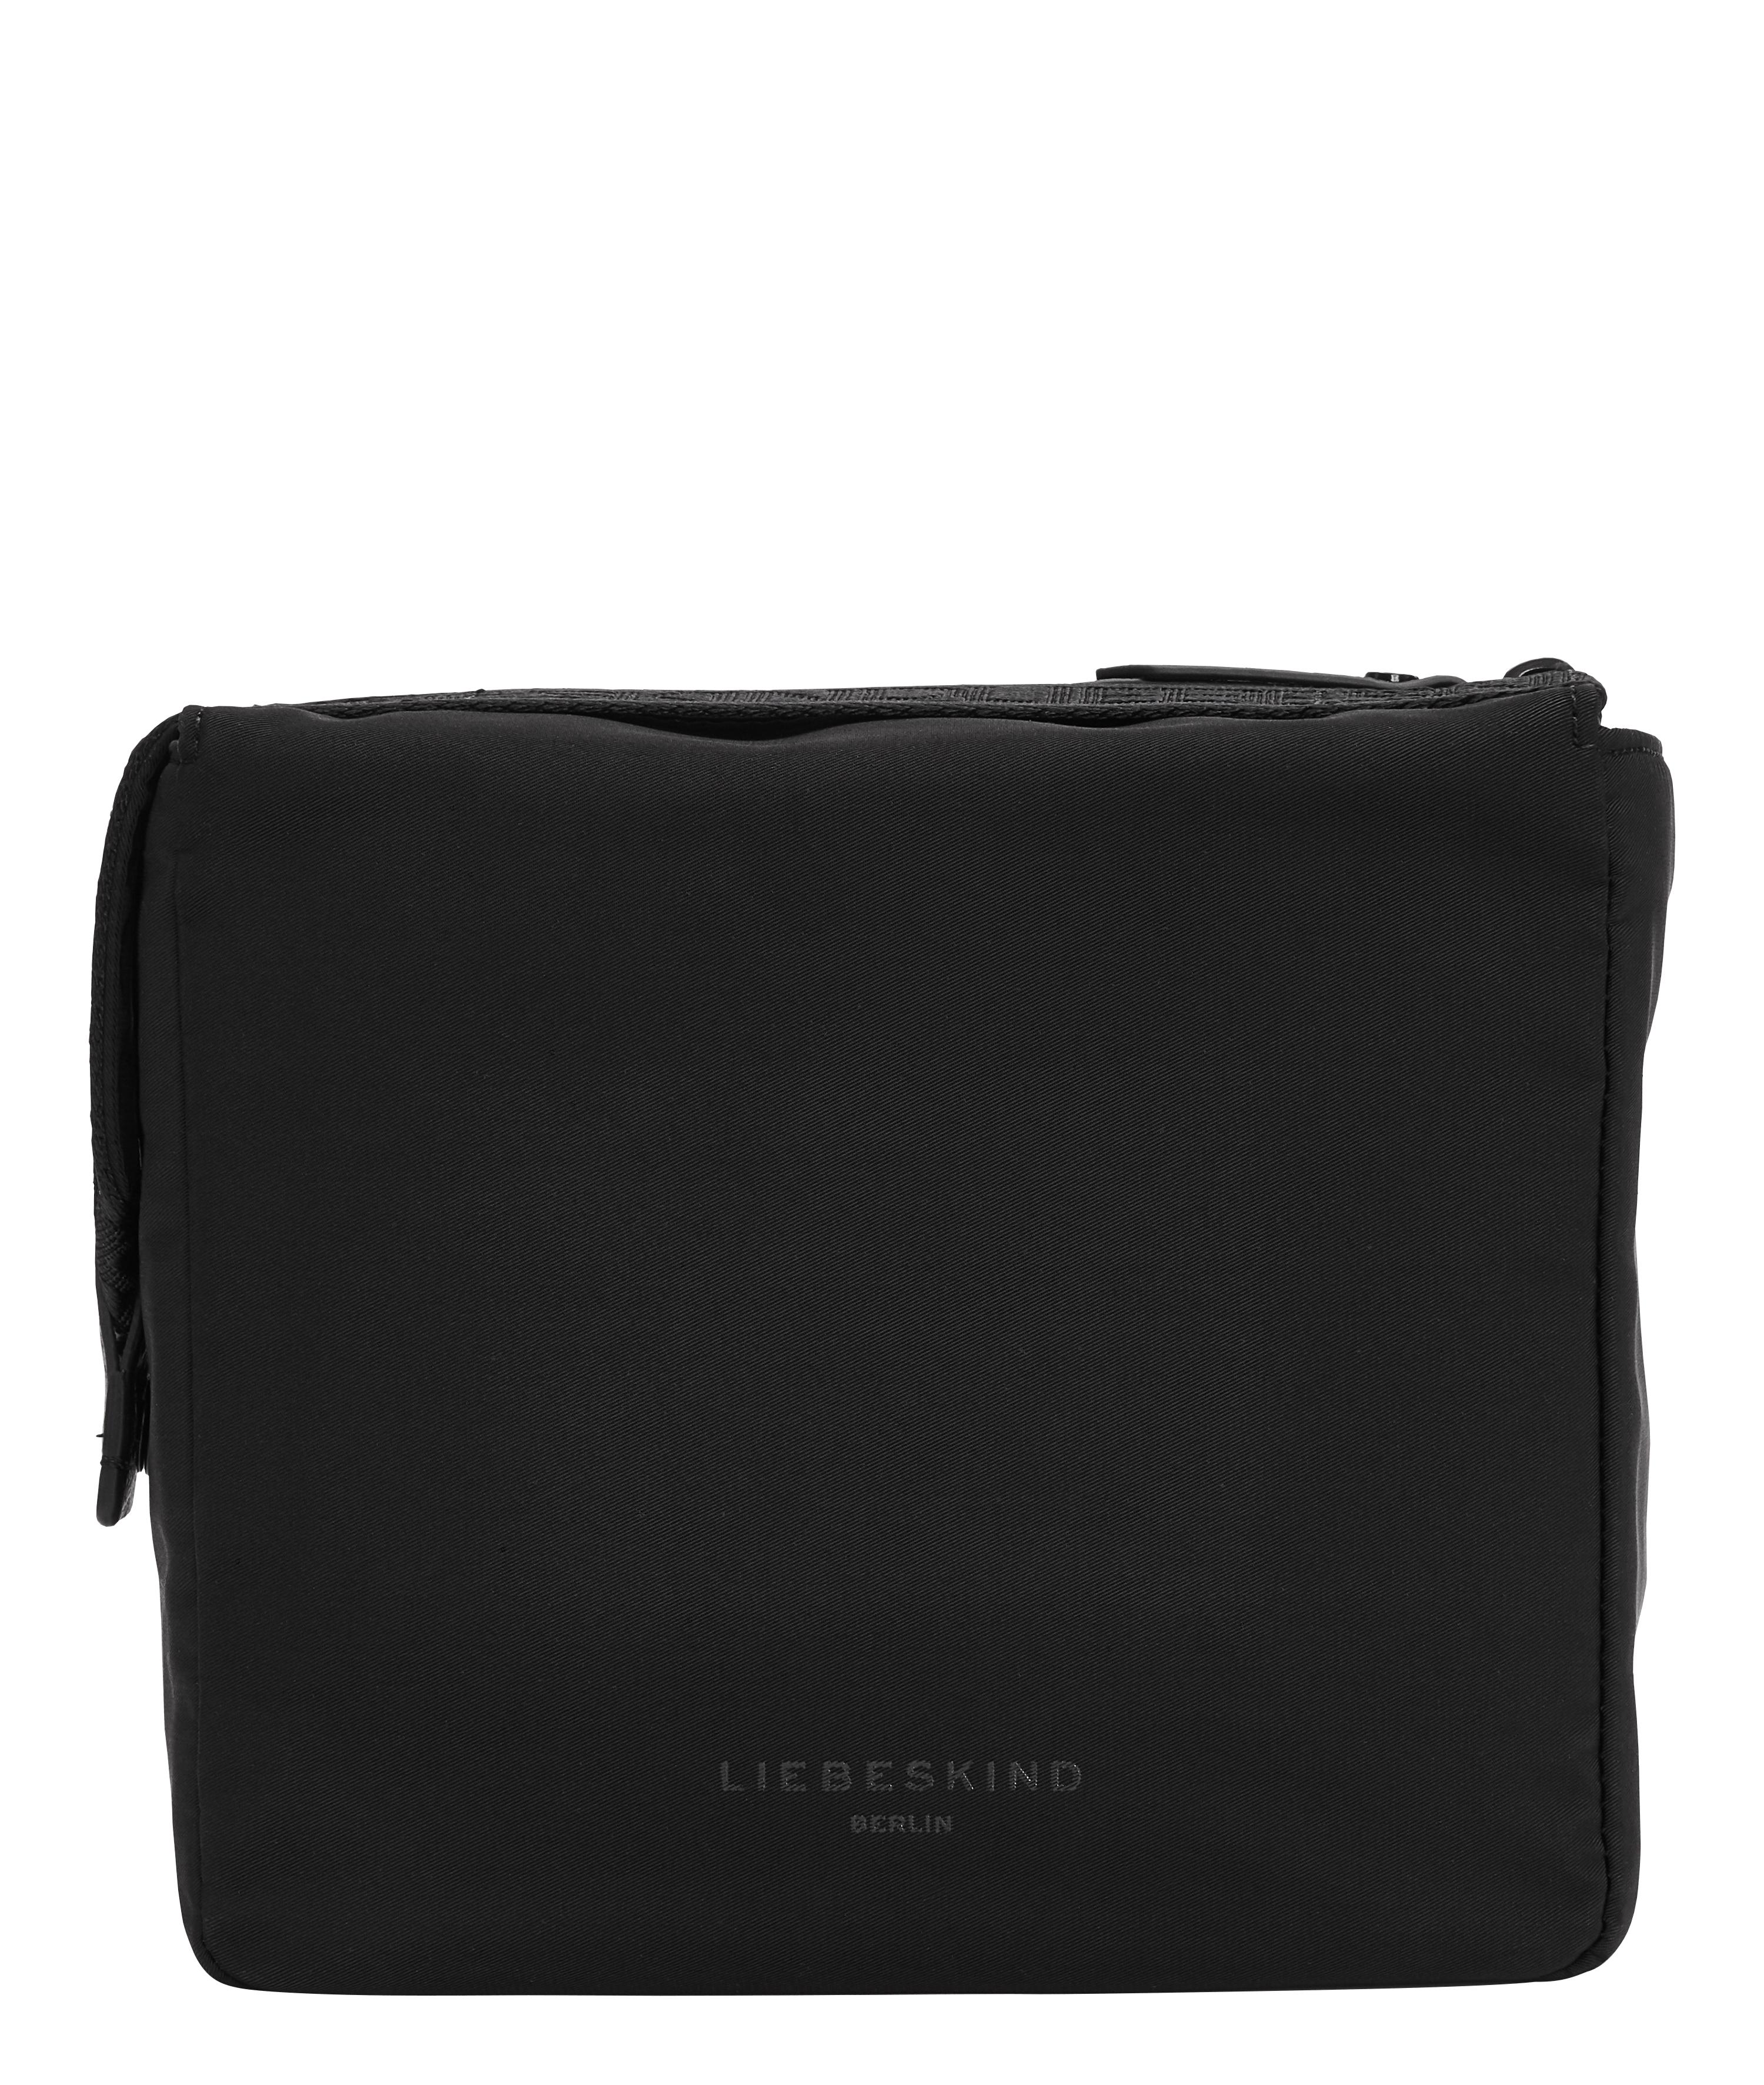 Liebeskind Taschenorganizer Zip S